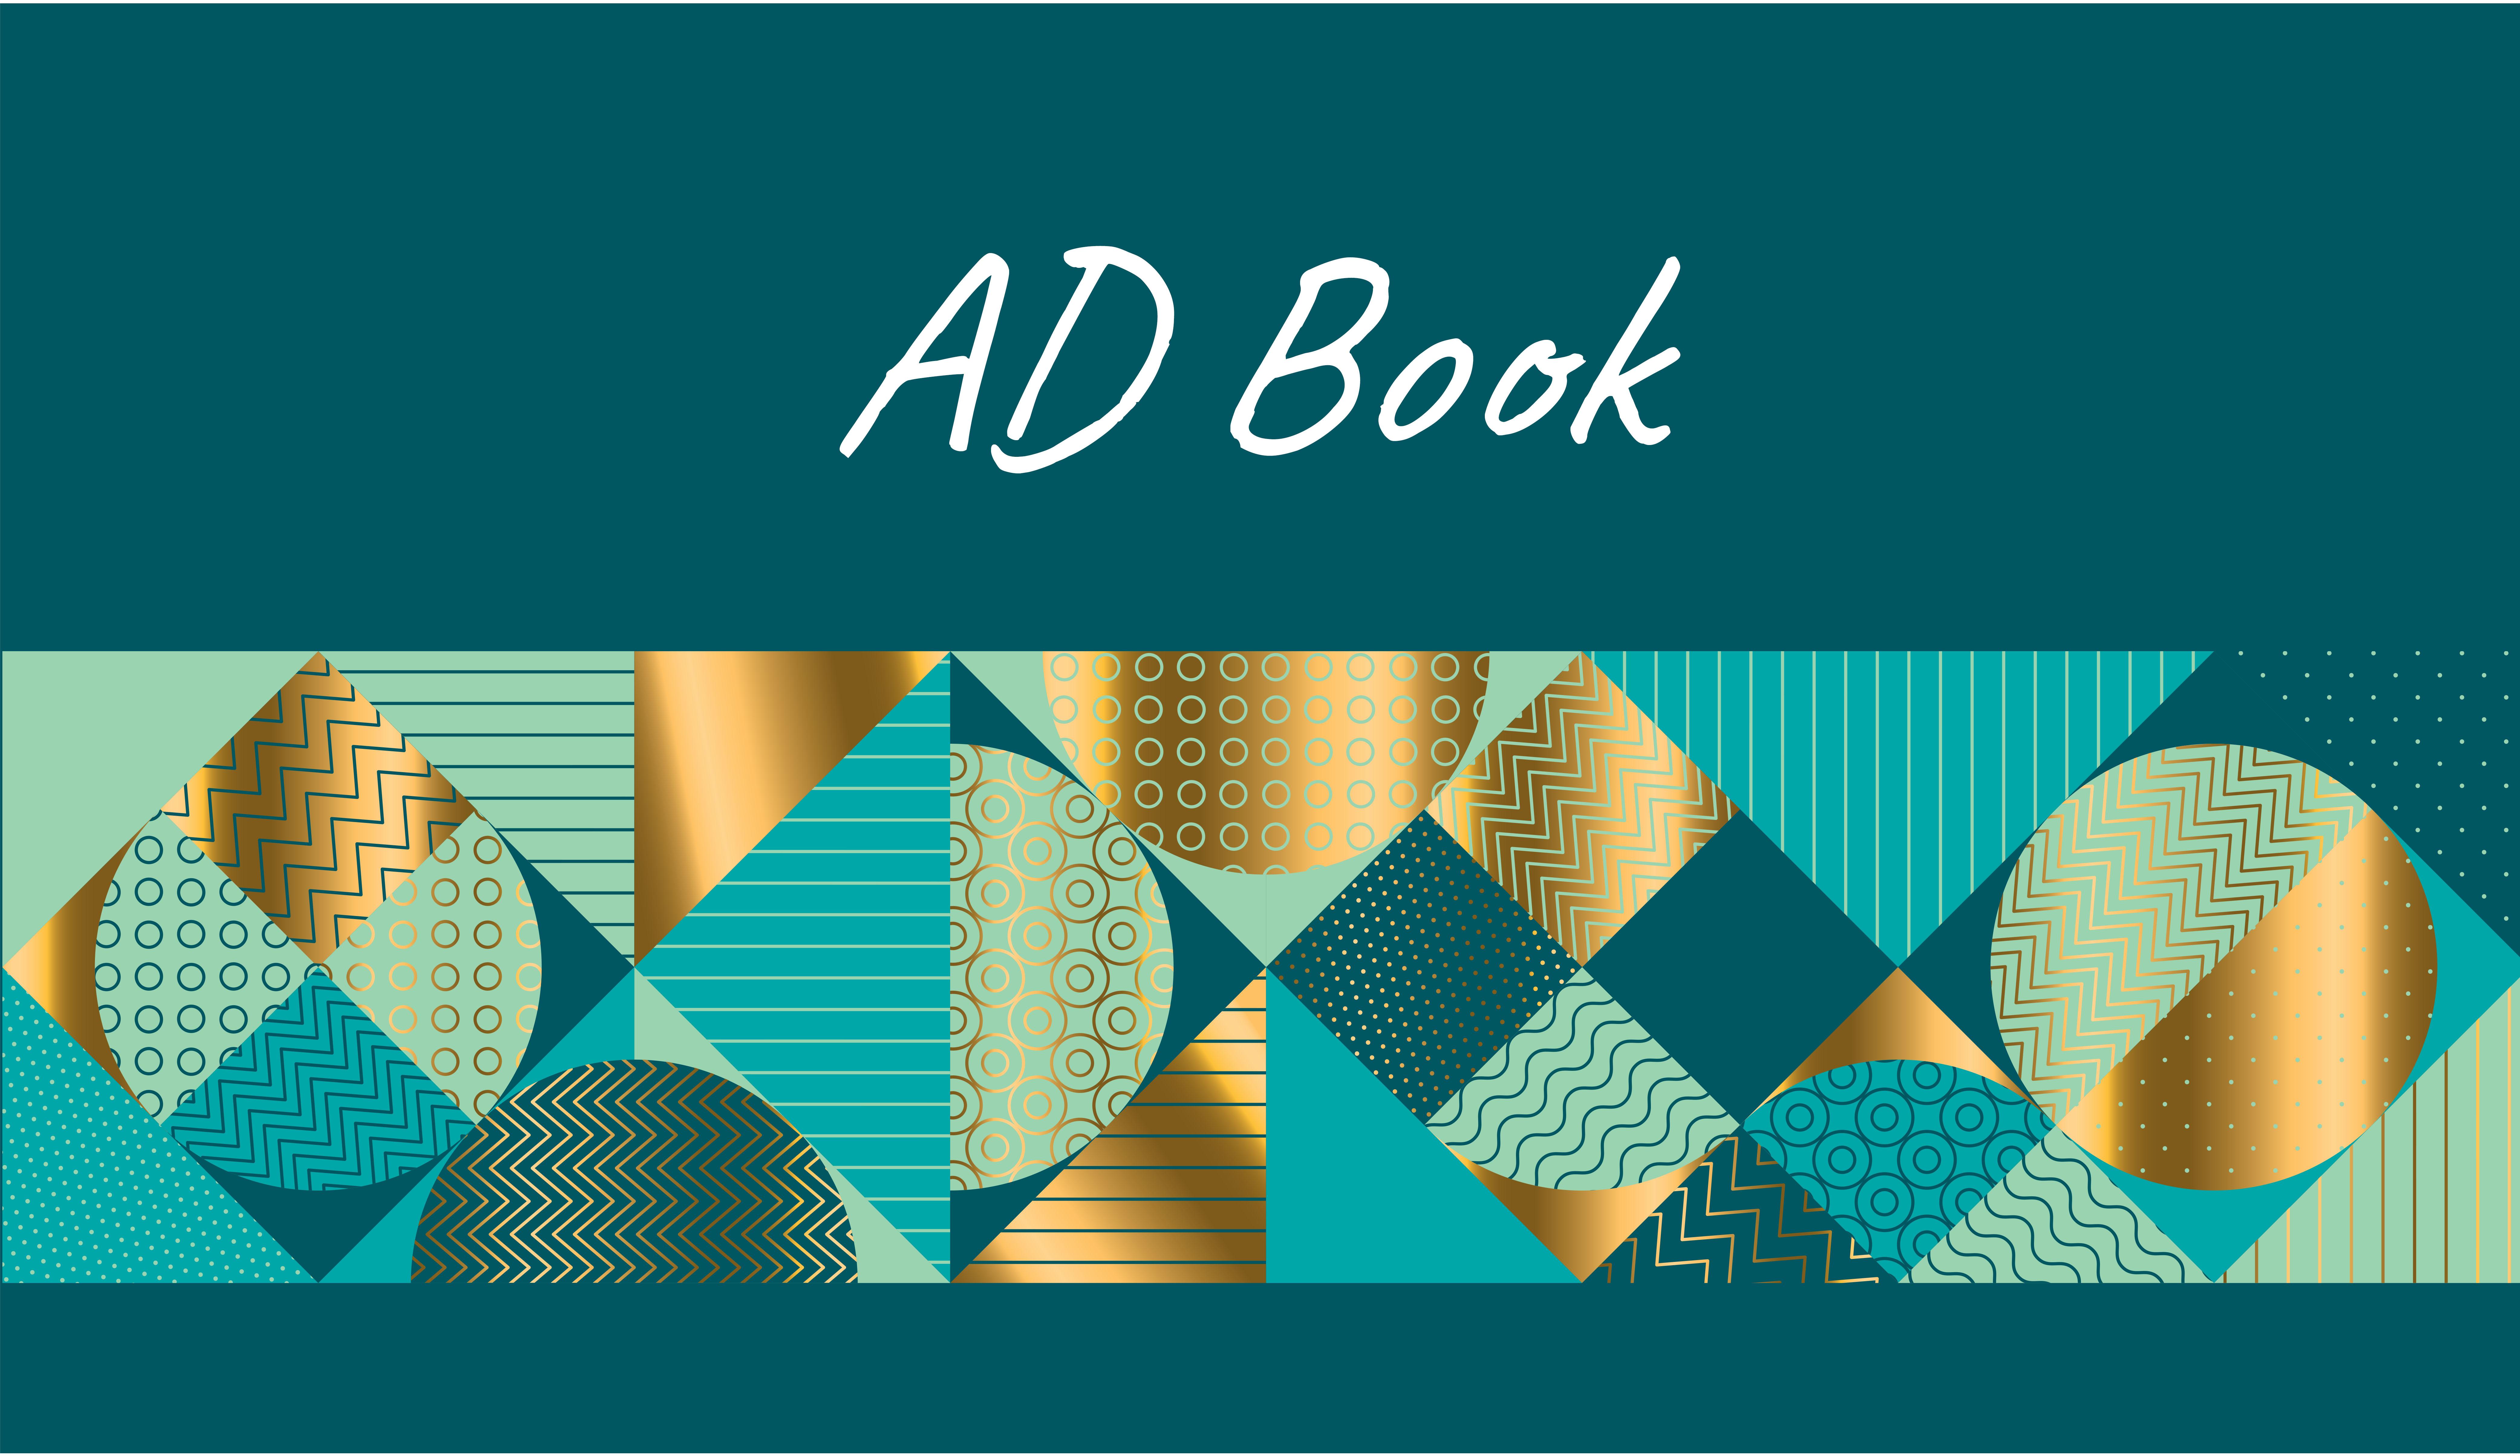 Ad book icon